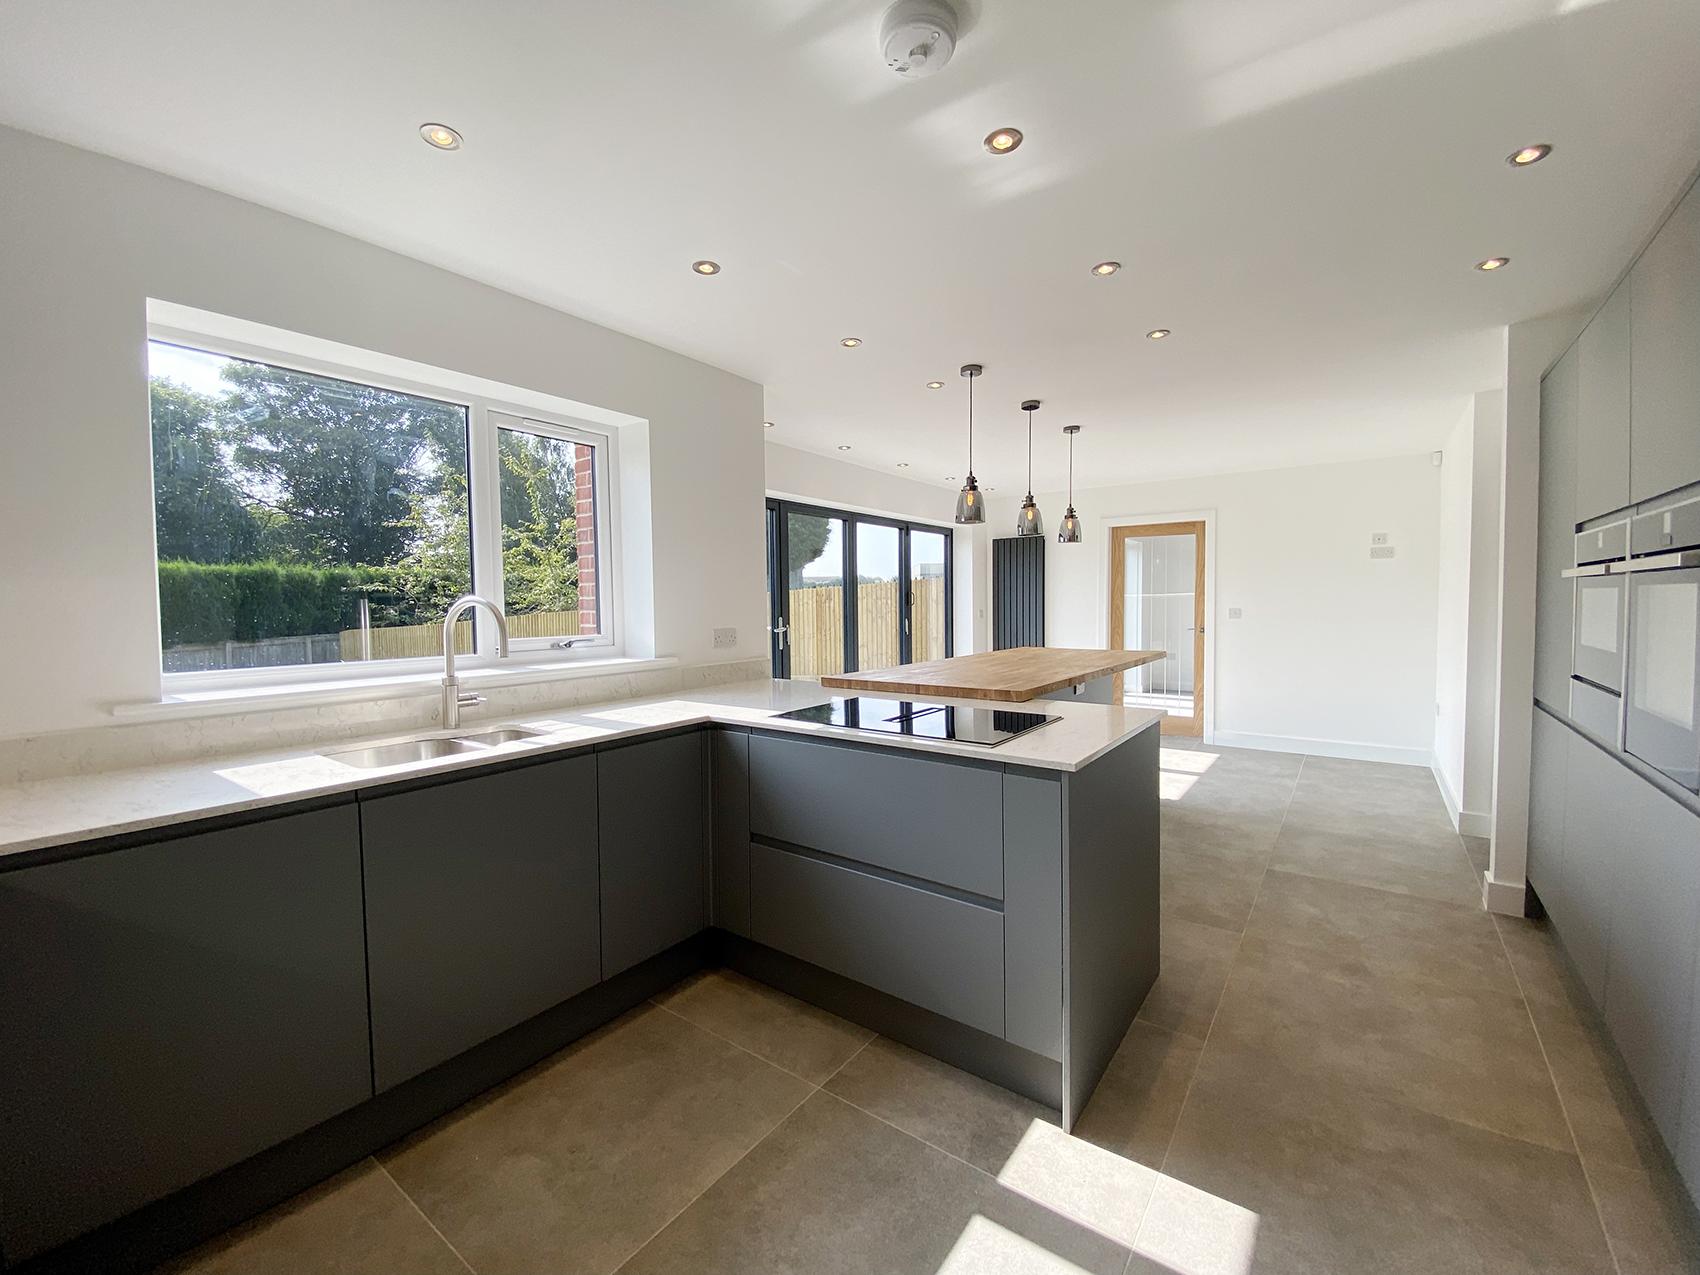 5 Bedroom Detached House in Swinton, Rotherham